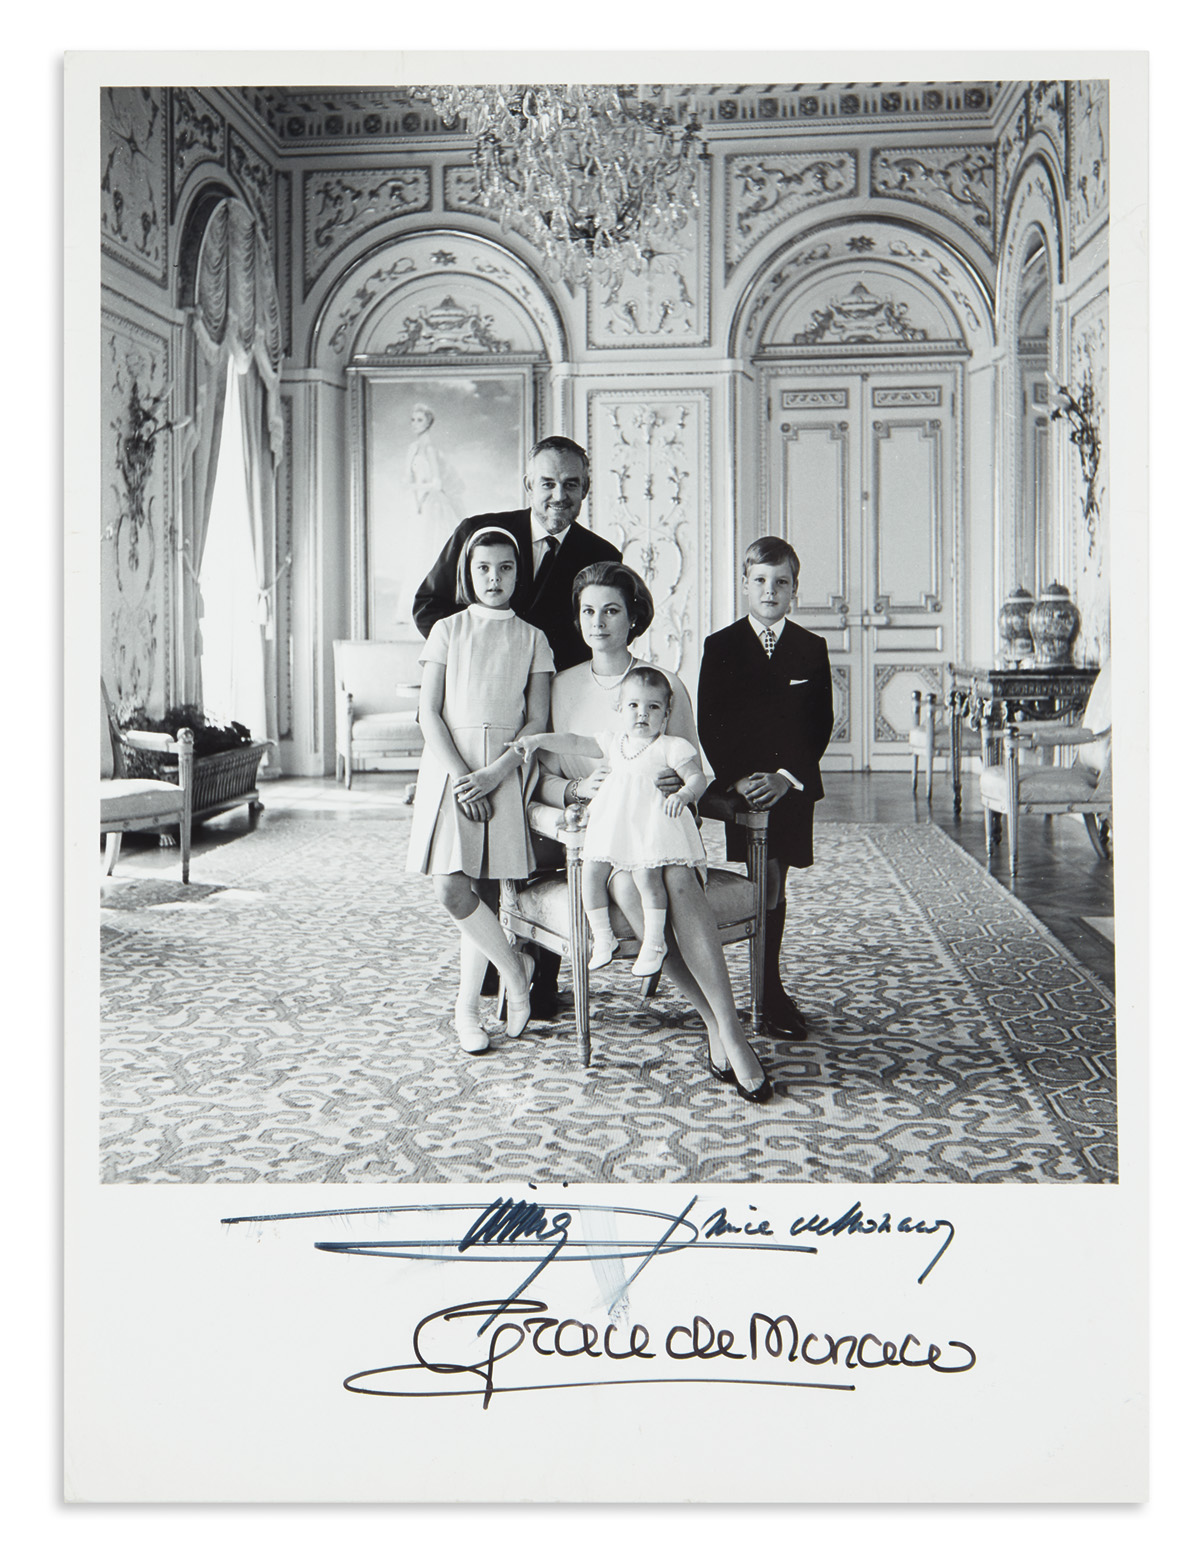 GRACE;-PRINCESS-OF-MONACO-Group-Photograph-Signed-Grace-de-M